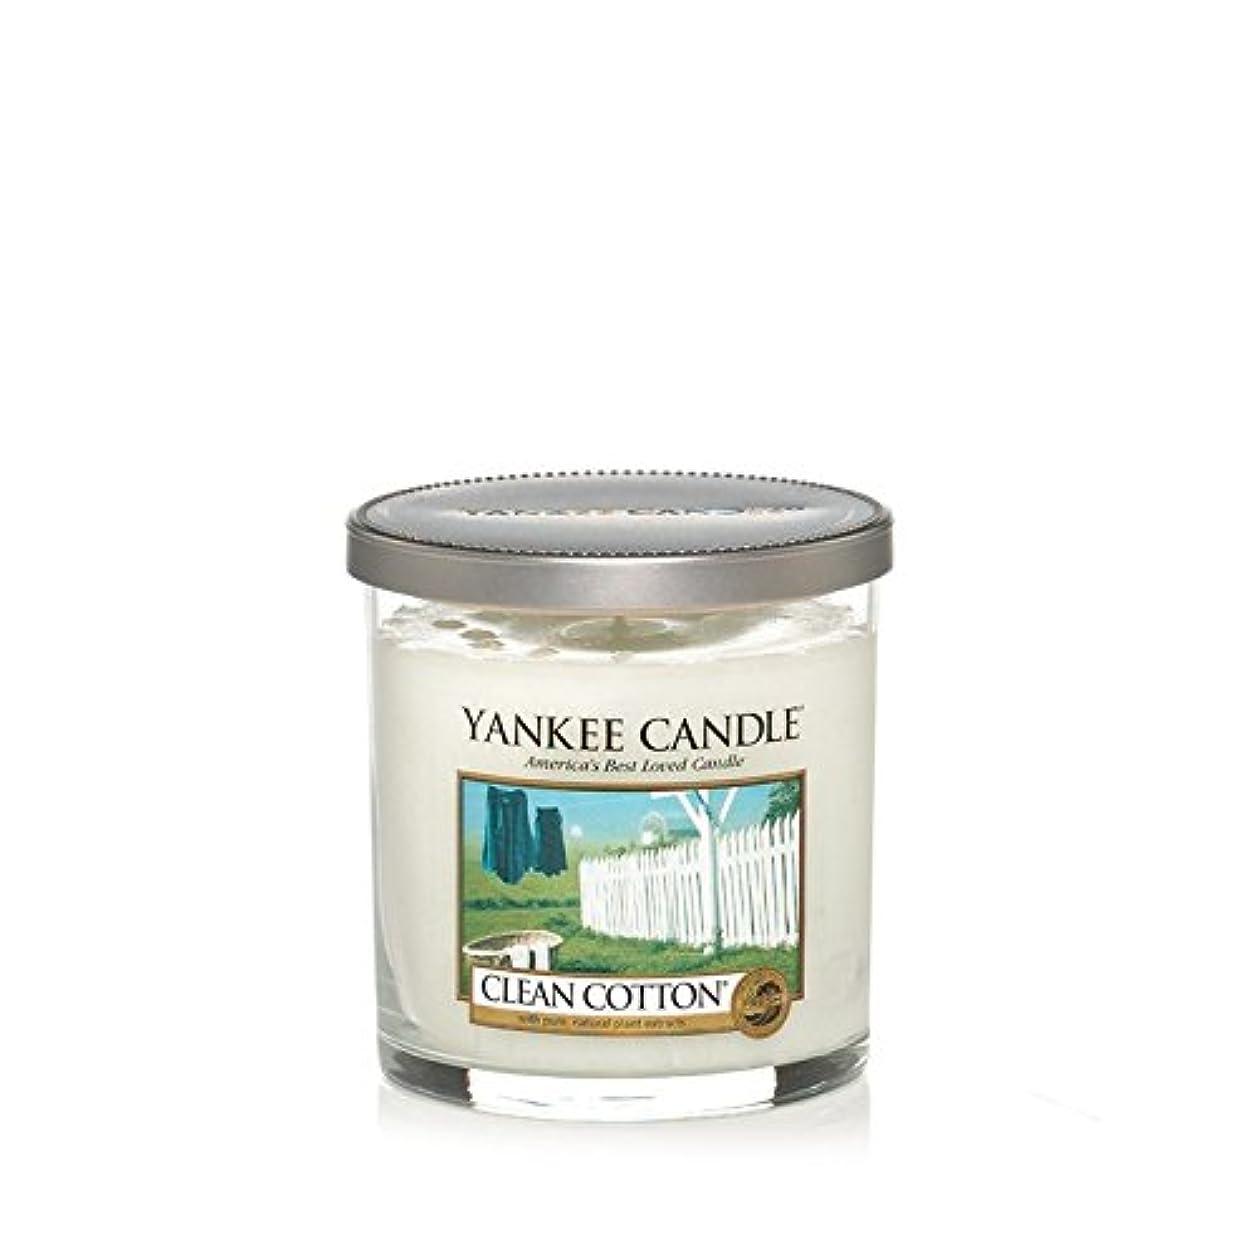 シリンダーシャンパン意識Yankee Candles Small Pillar Candle - Clean Cotton (Pack of 2) - ヤンキーキャンドルの小さな柱キャンドル - きれいな綿 (x2) [並行輸入品]